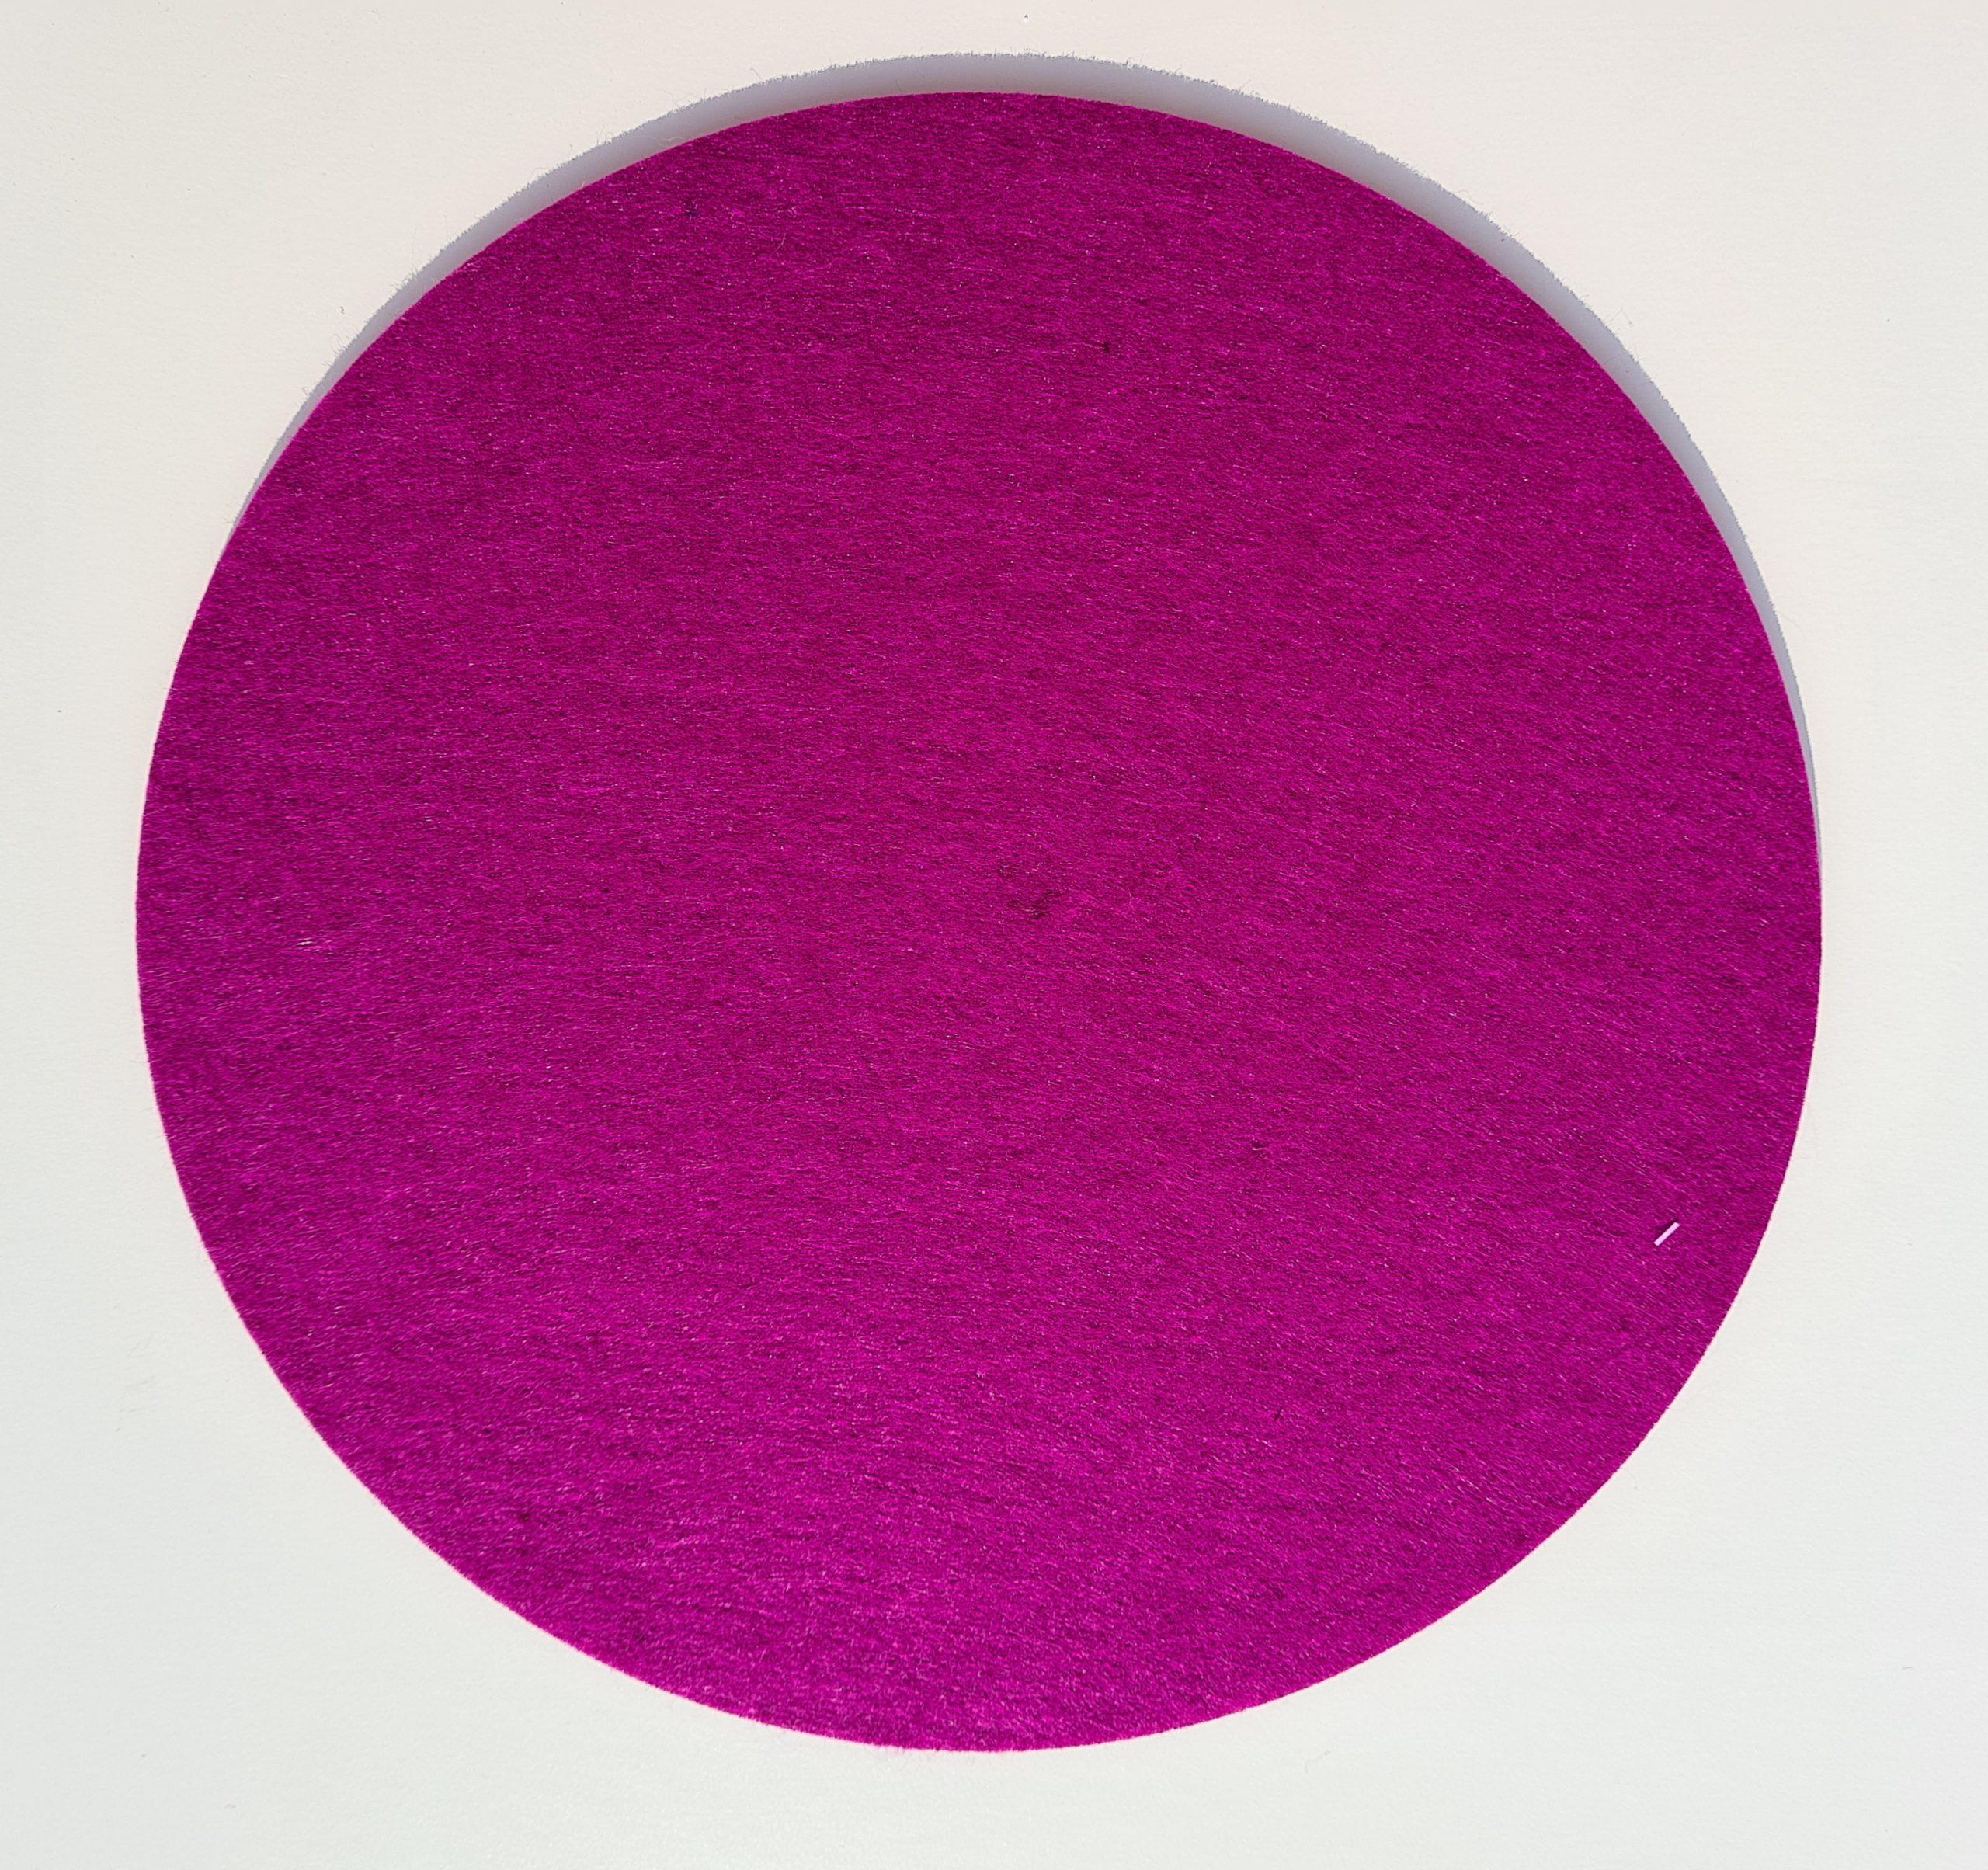 Pinker Filz-Untersetzter rund - Handgemachte individualisierbare Taschen, Körbe, Tischsets, Dekoartikel und mehr auf fideko.de der Onlineshop seit 2011